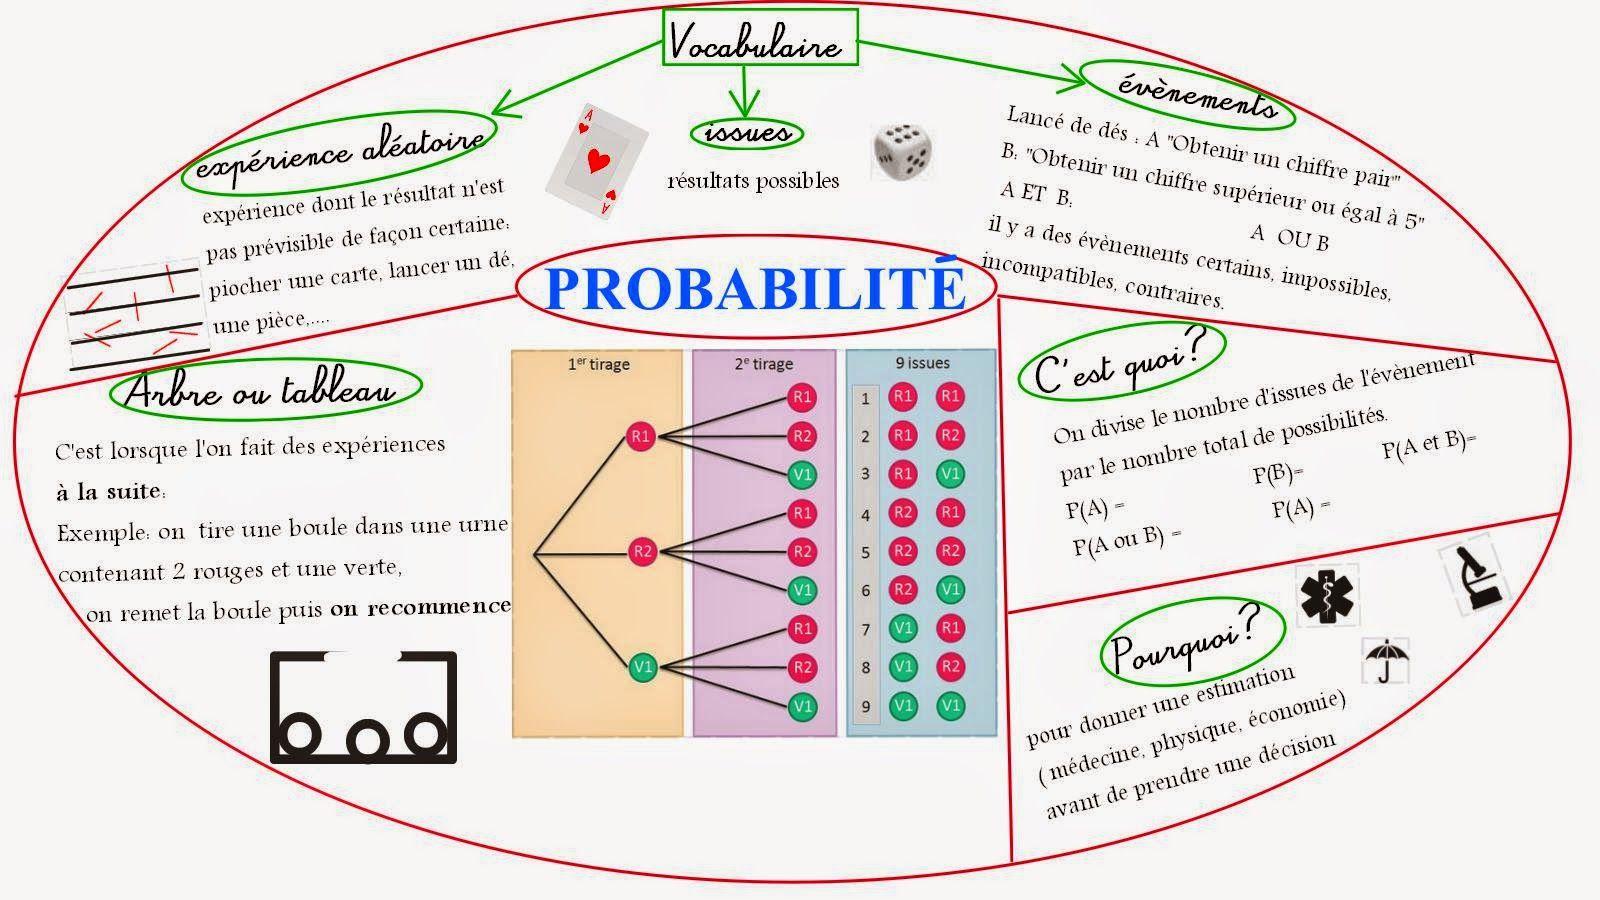 Mandala Carte Mentale Probabilite Quelques Remarques Les Lignes Paralleles Parsemees Carte Mentale Carte Mentale Maths Mathematiques College